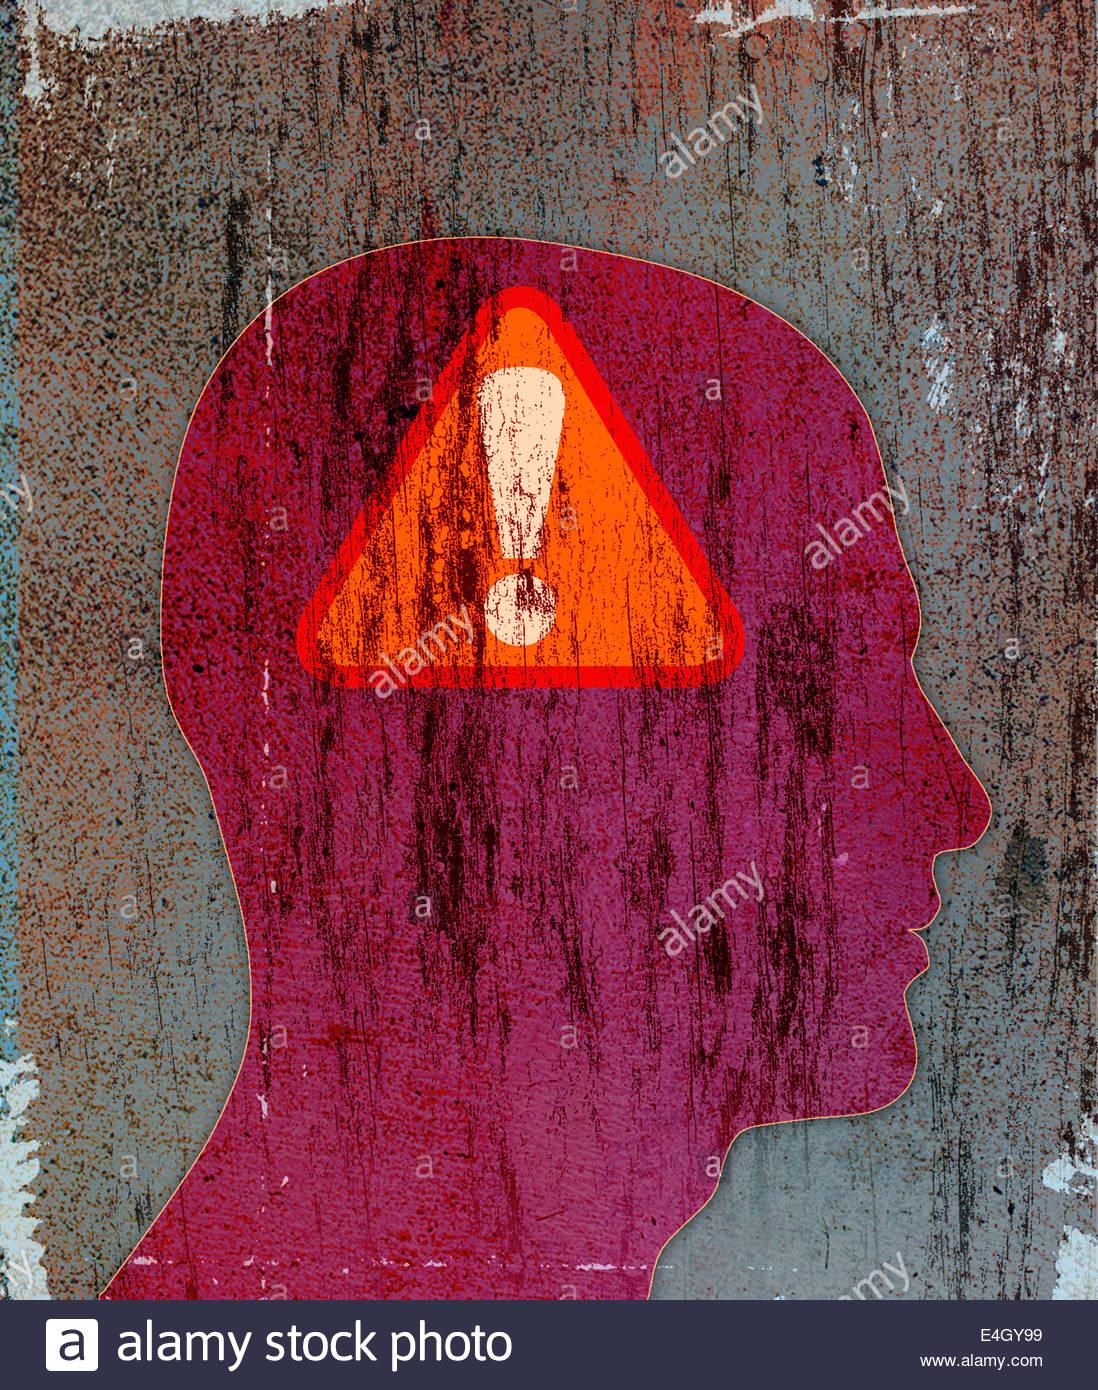 Ausrufezeichen Warnzeichen innerhalb der Silhouette der Kopf des Mannes Stockbild